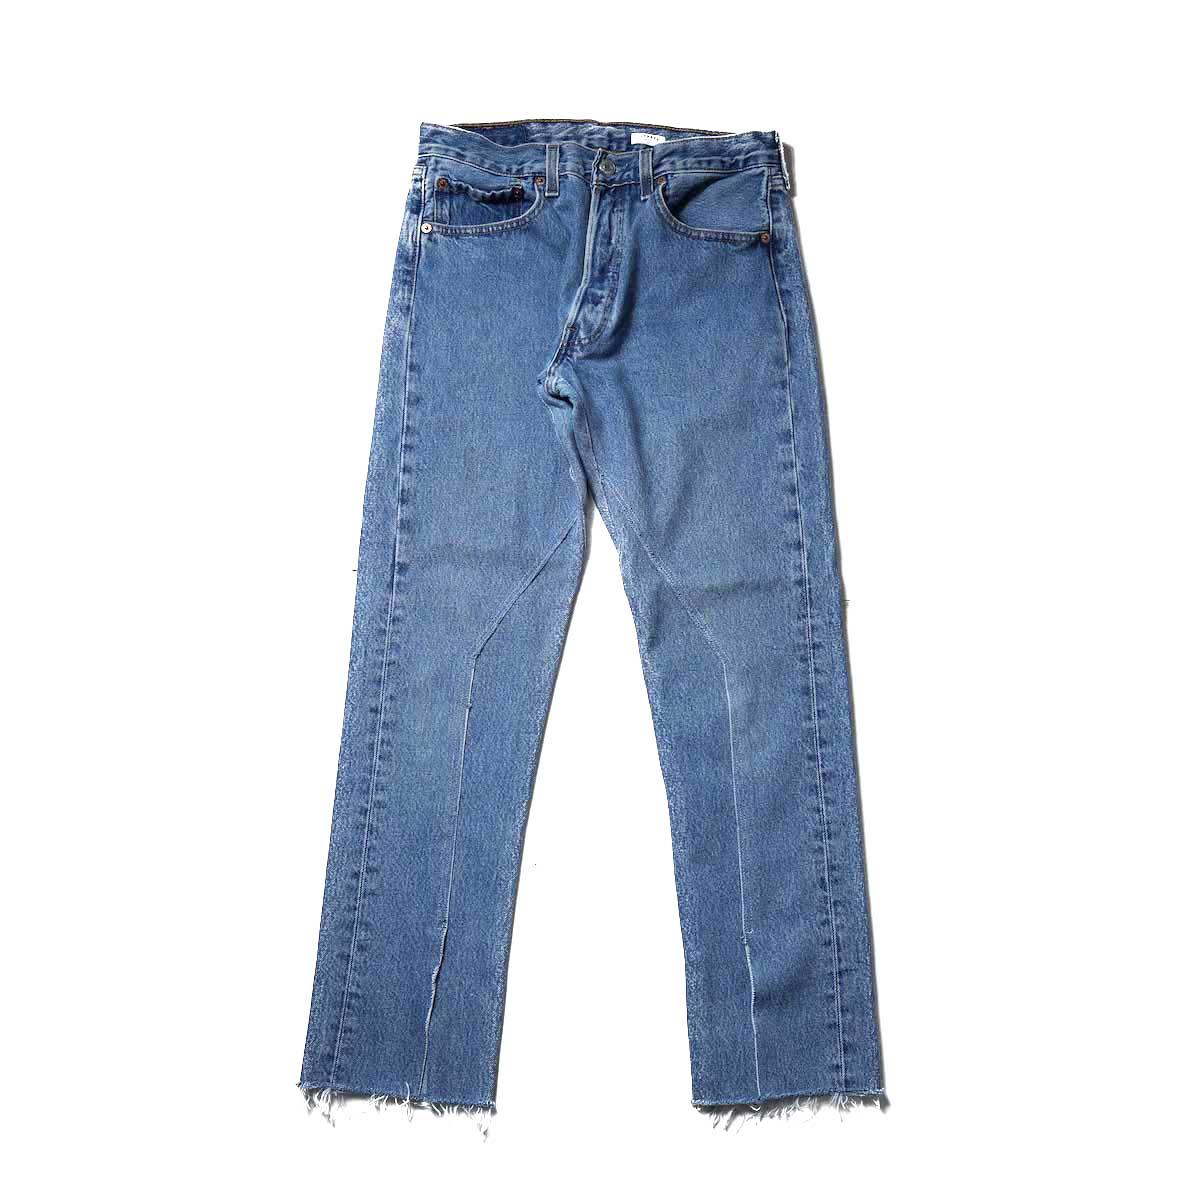 OLD PARK / Slit Jeans (Blue) Ssize-C